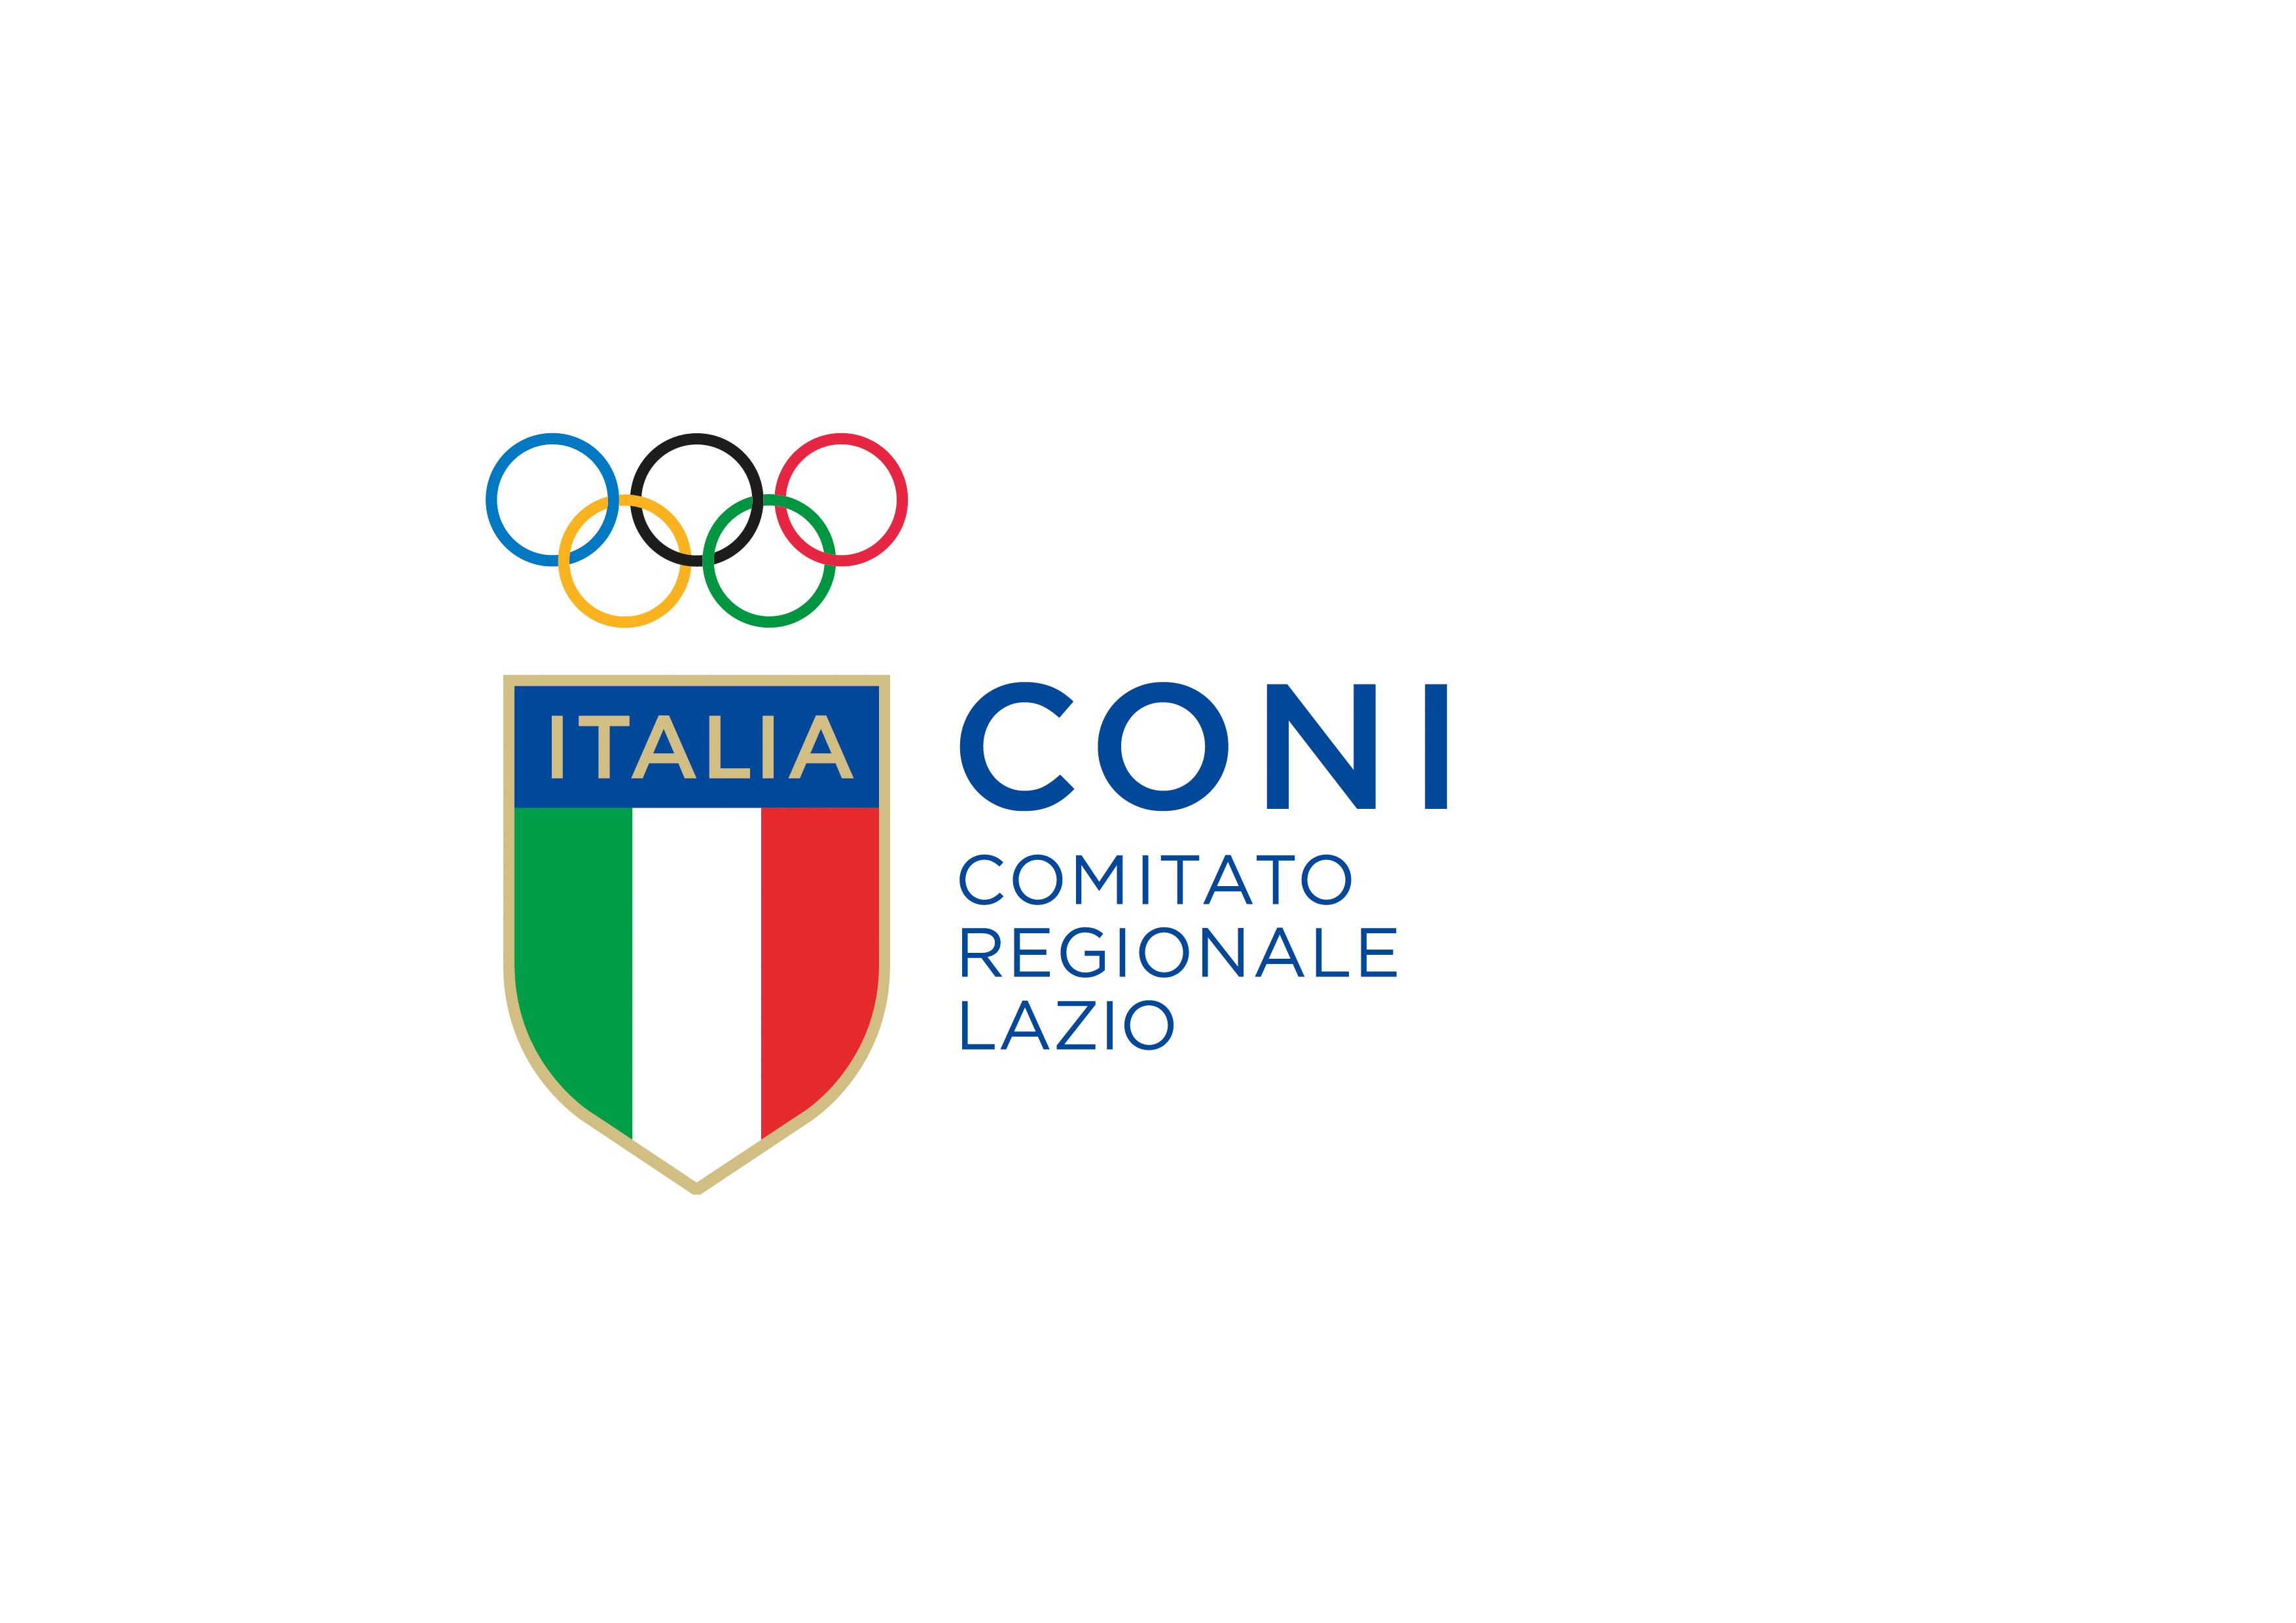 Coni Lazio